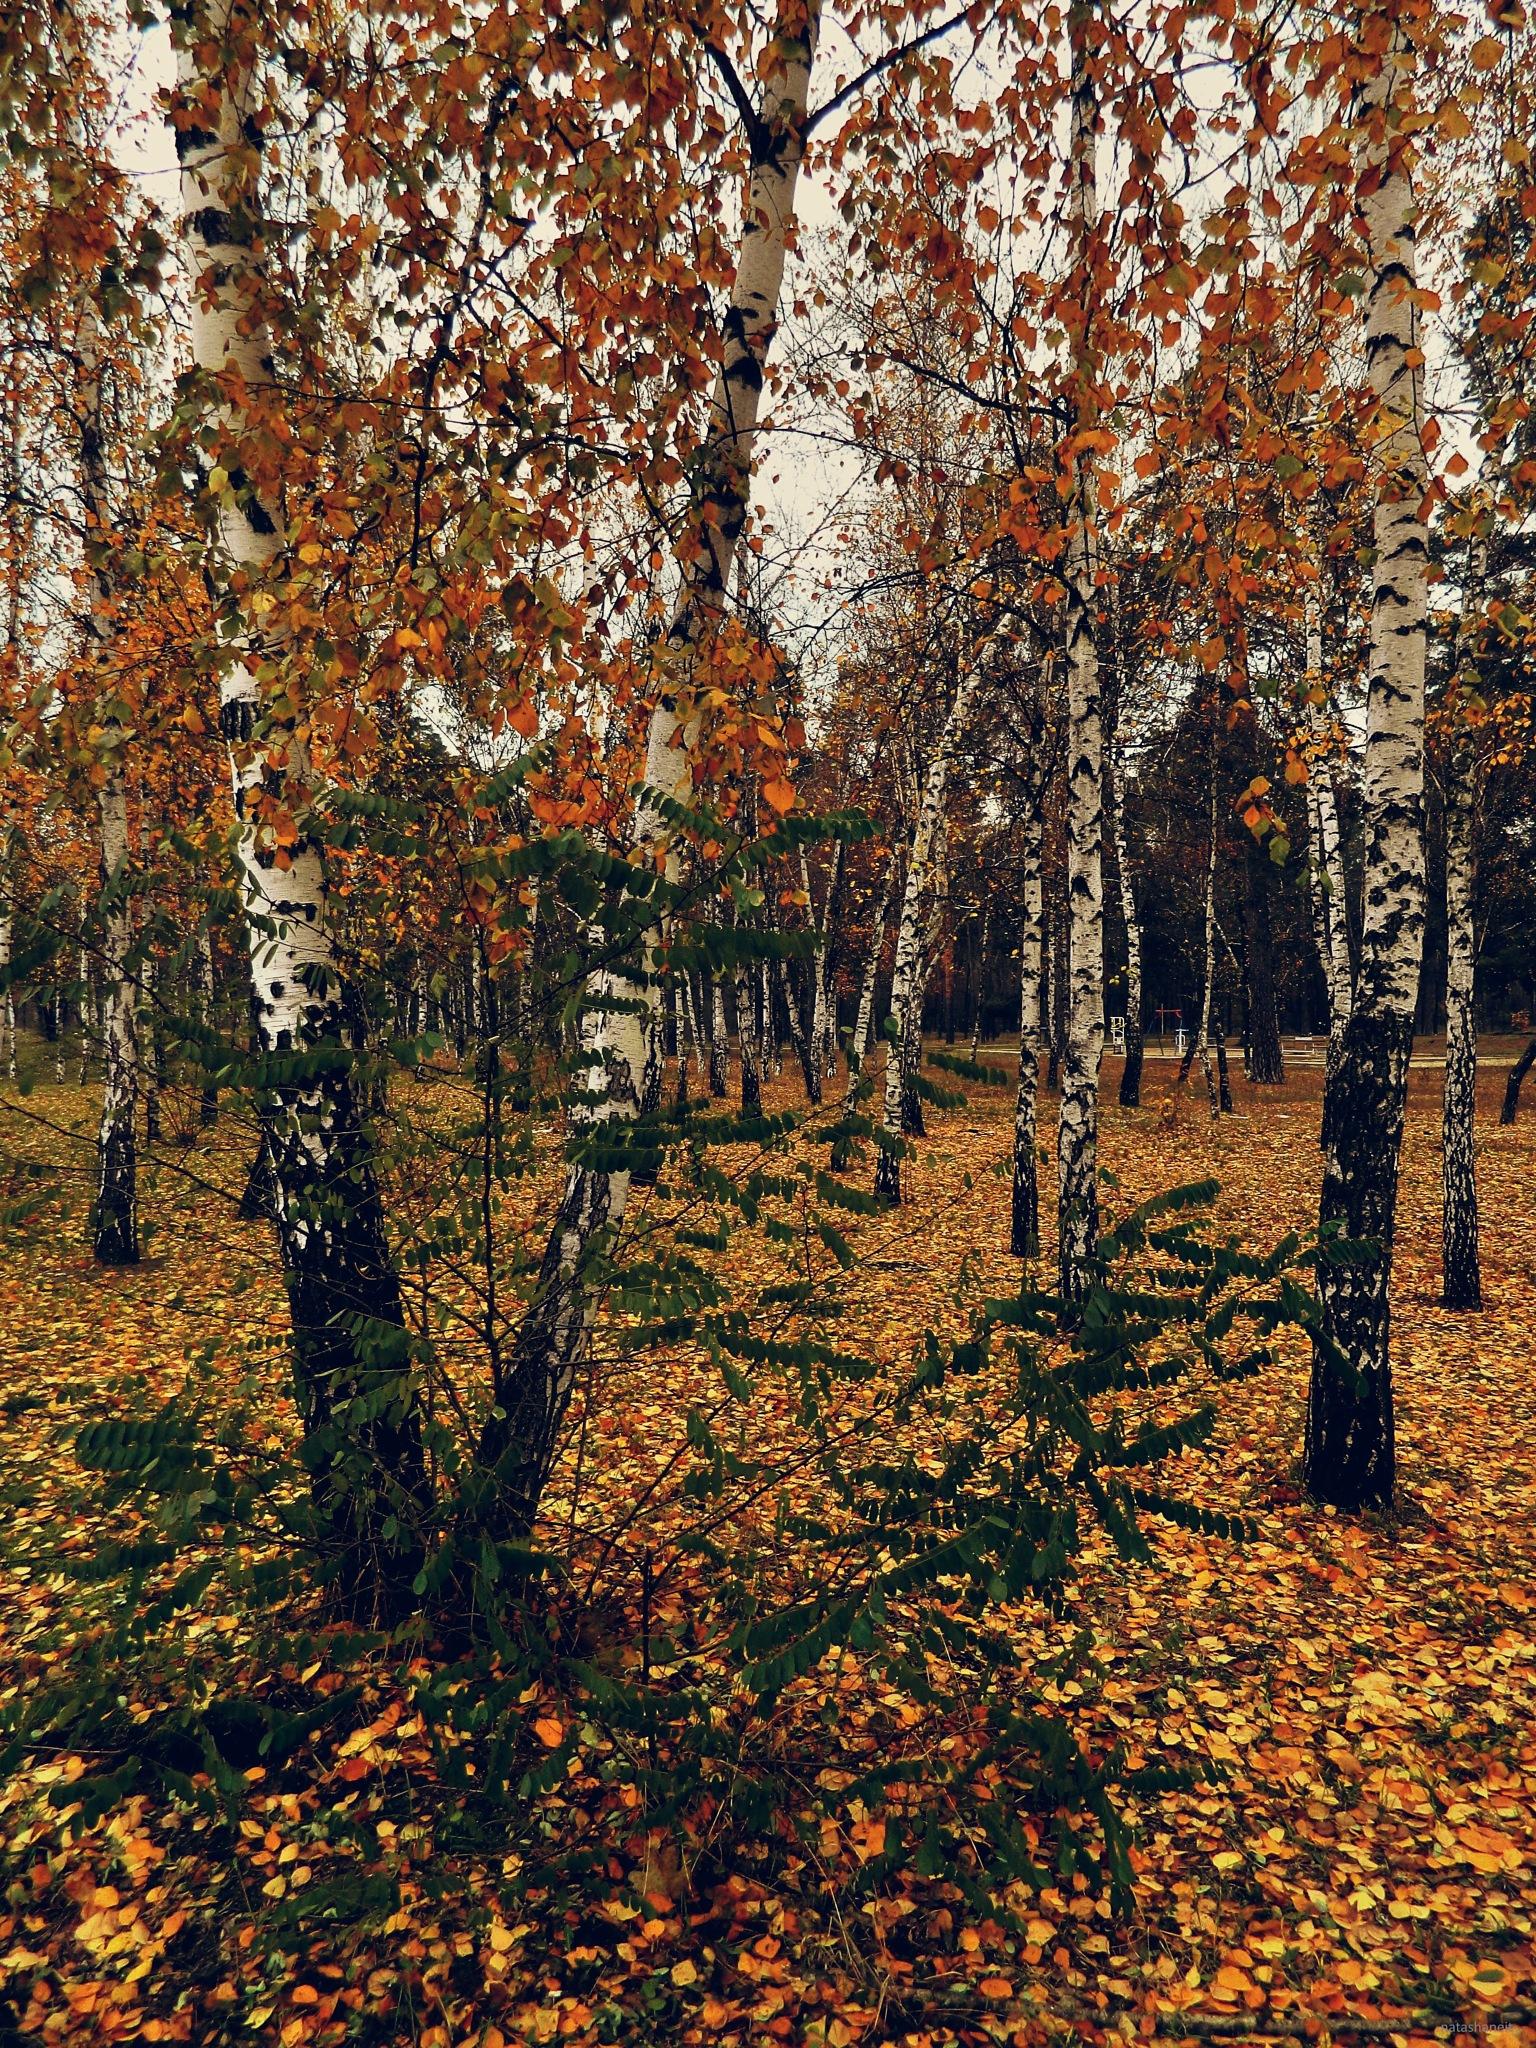 Birches and autumn forest by natashaneit